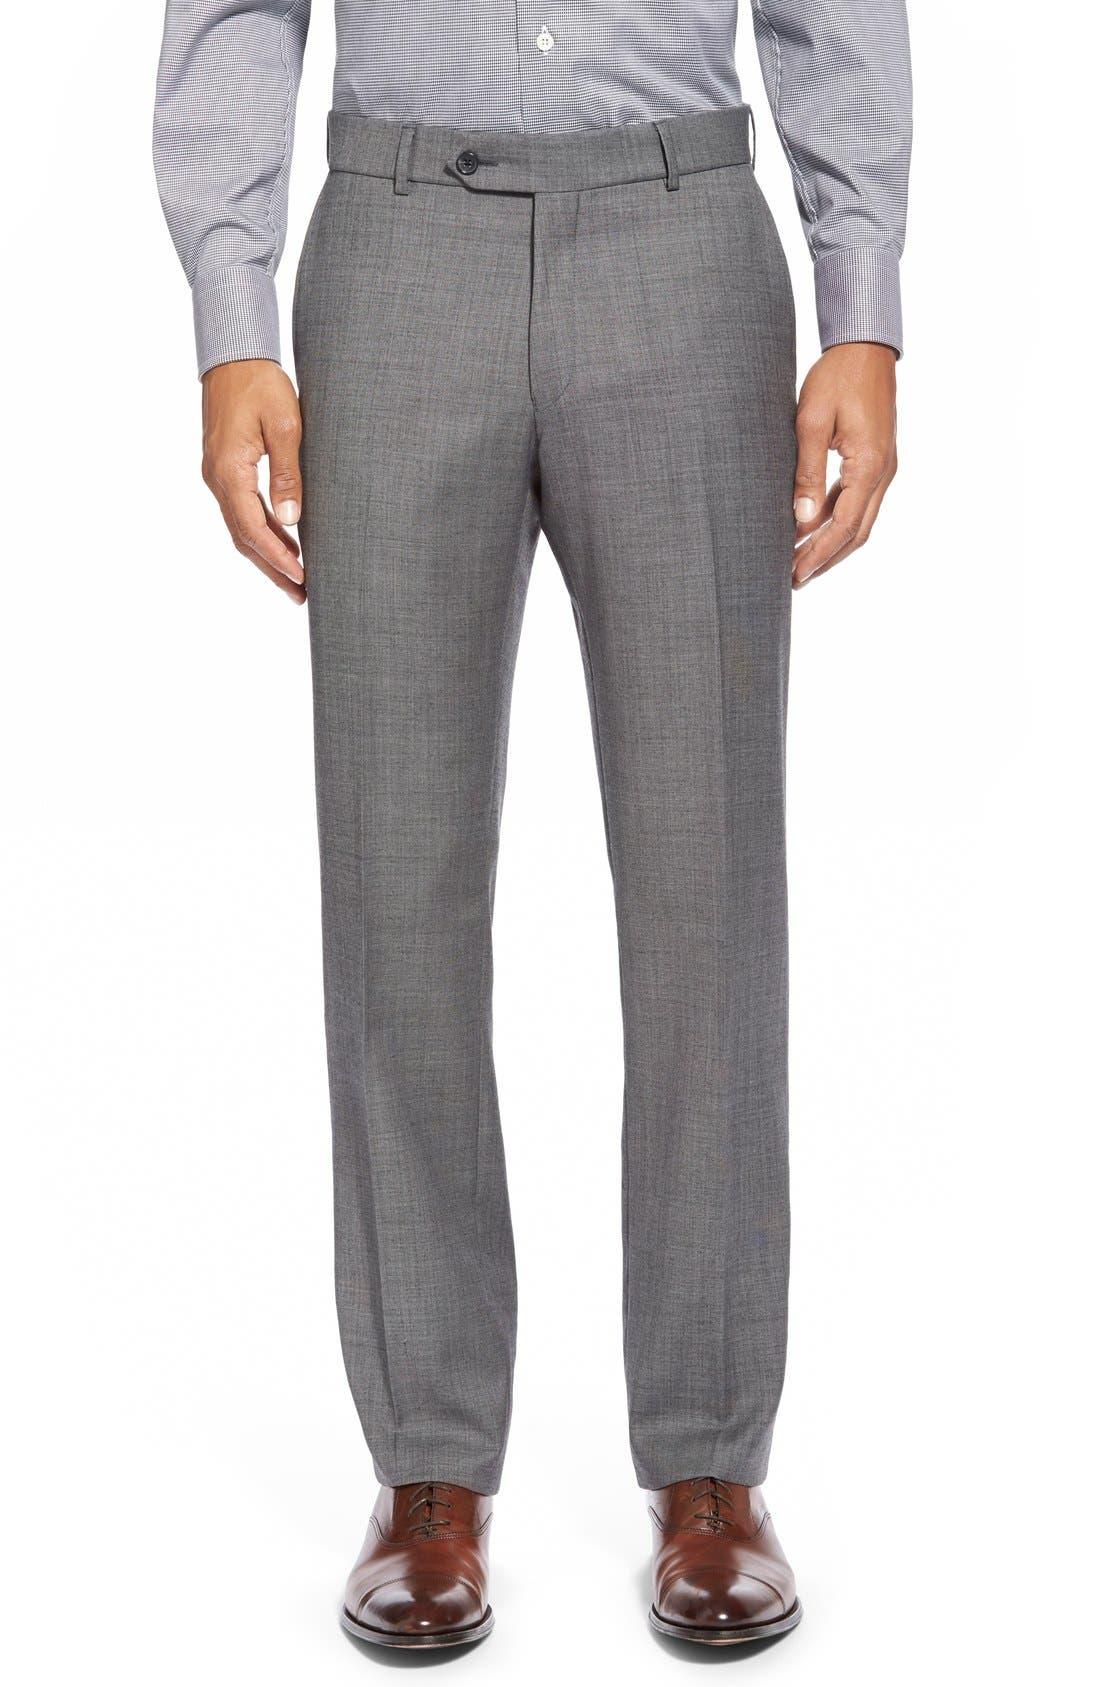 BALLIN Flat Front Sharkskin Wool Trousers in Mid Grey